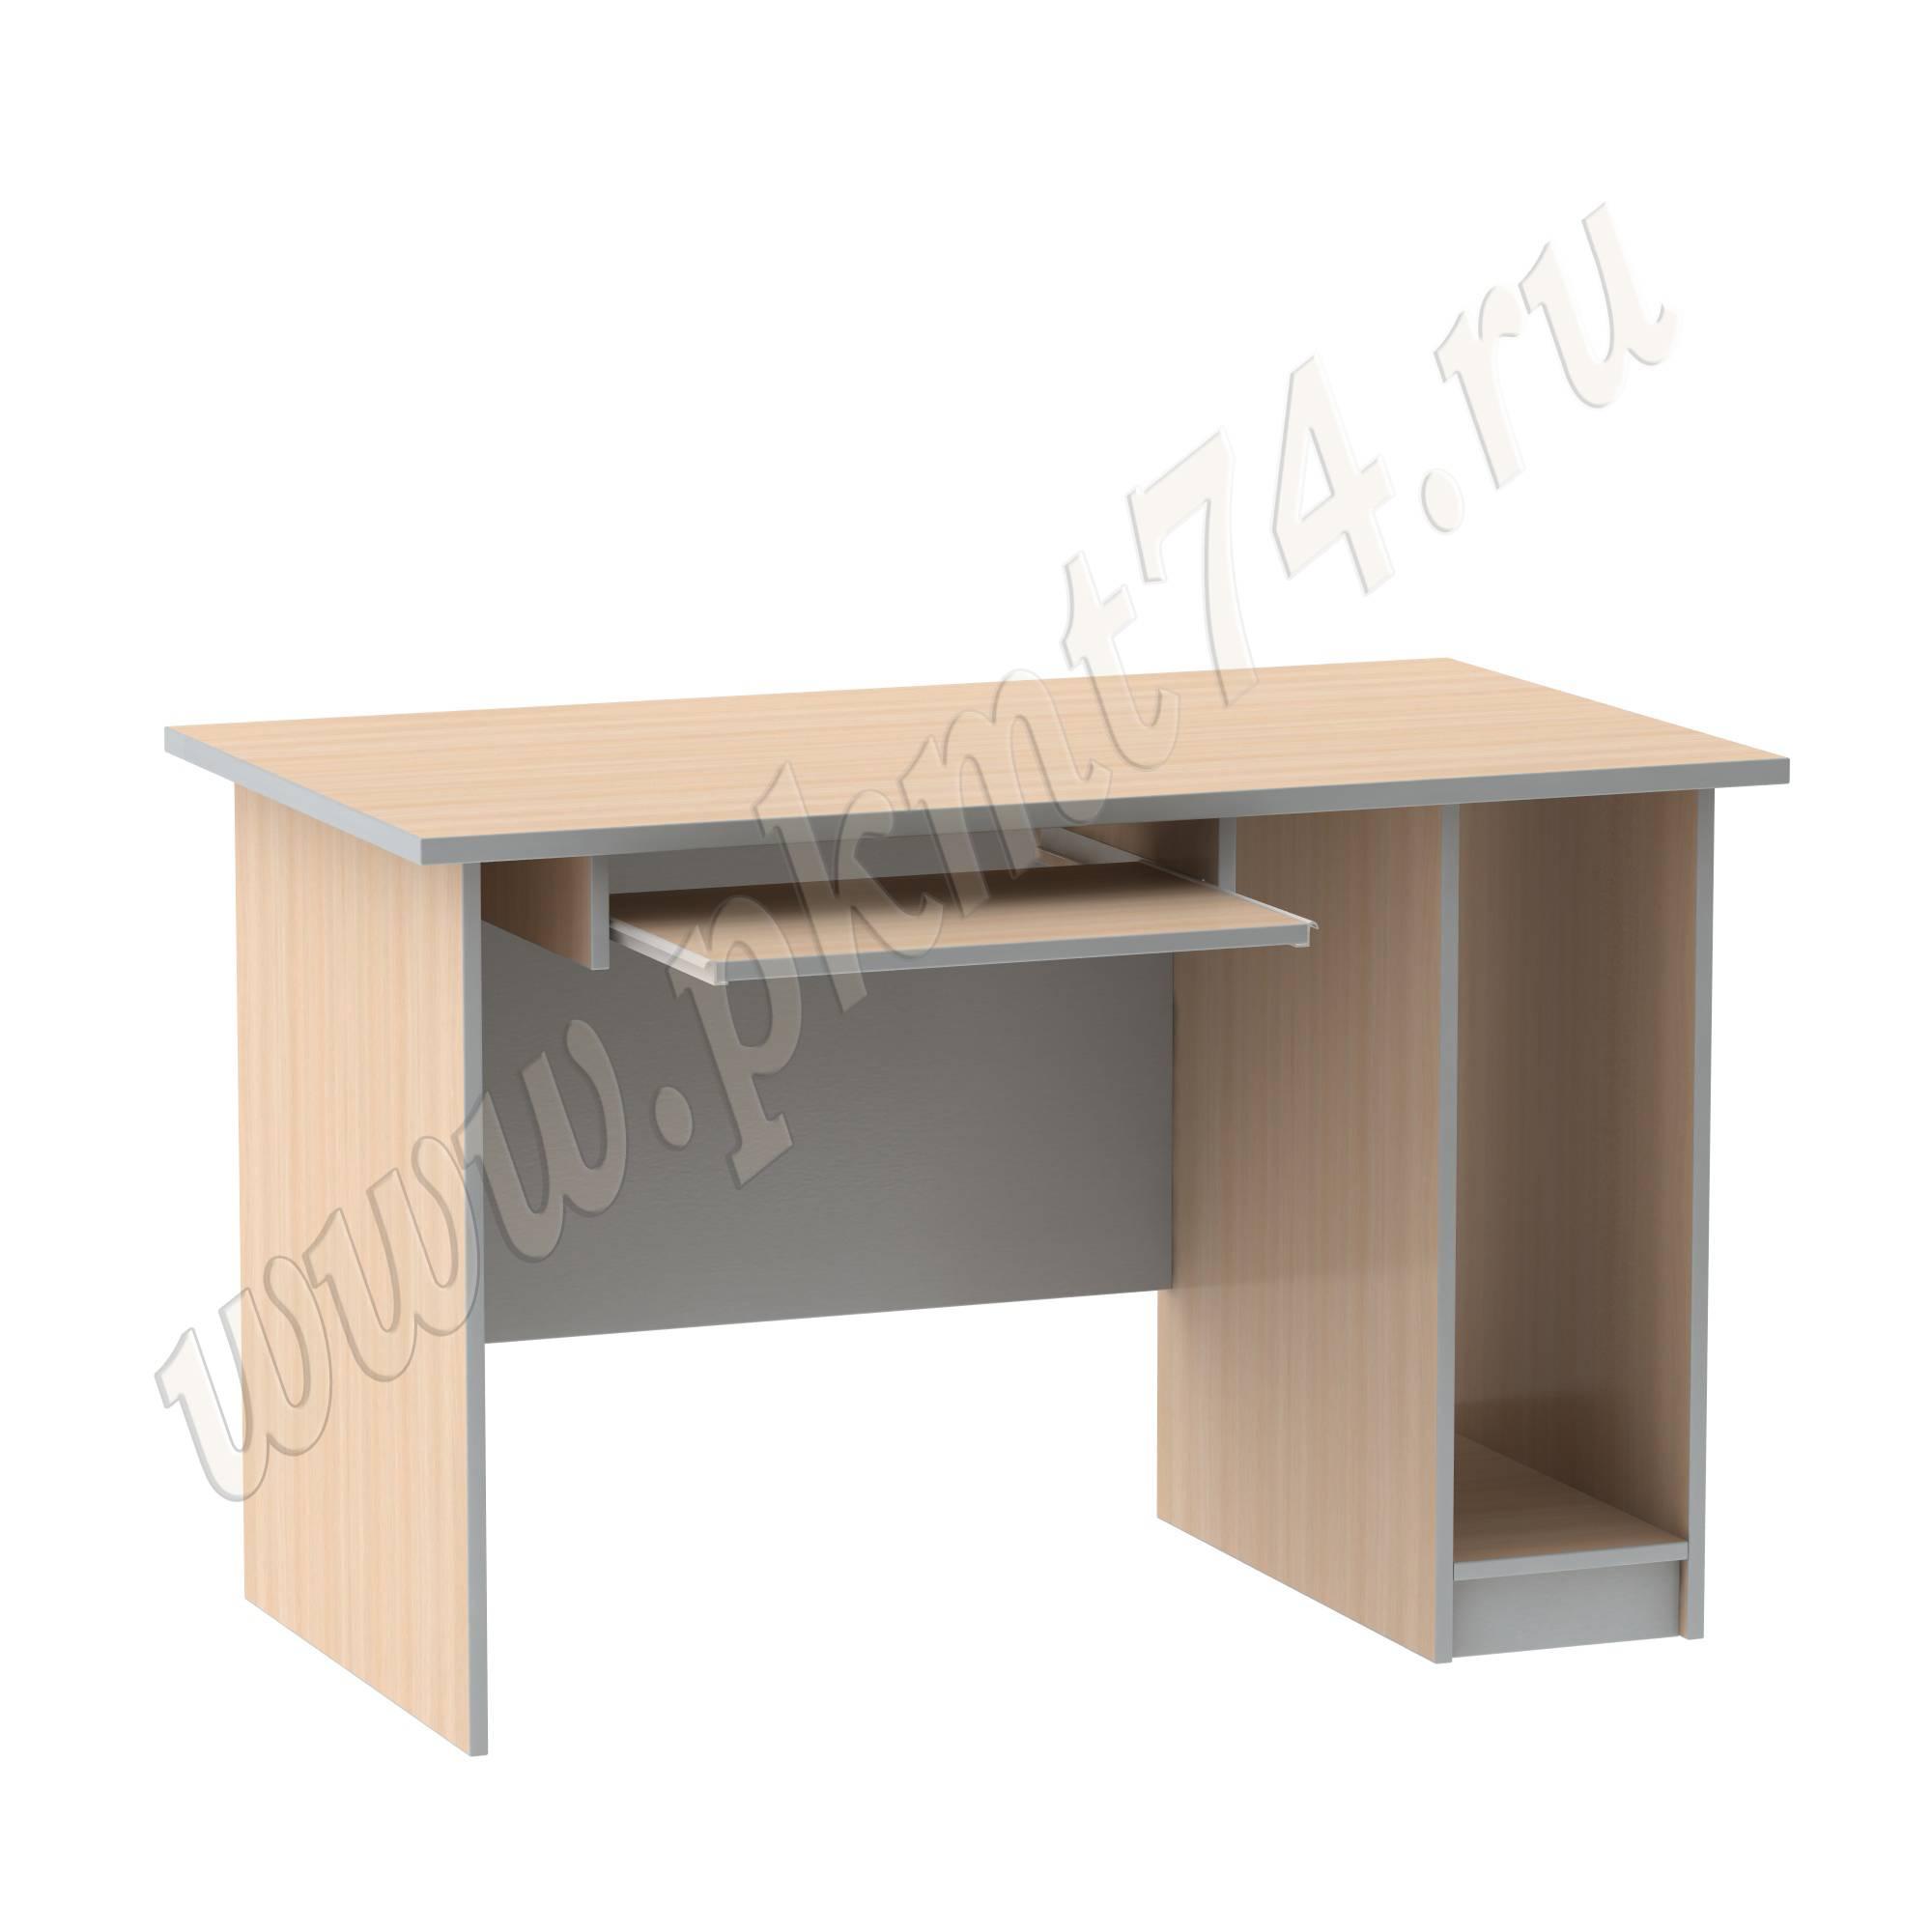 Стол офисный с подставкой под системный блок [Стандартный цвет:: Орех; Цвета ЛДСП на выбор:: Молочный-Алюминий]